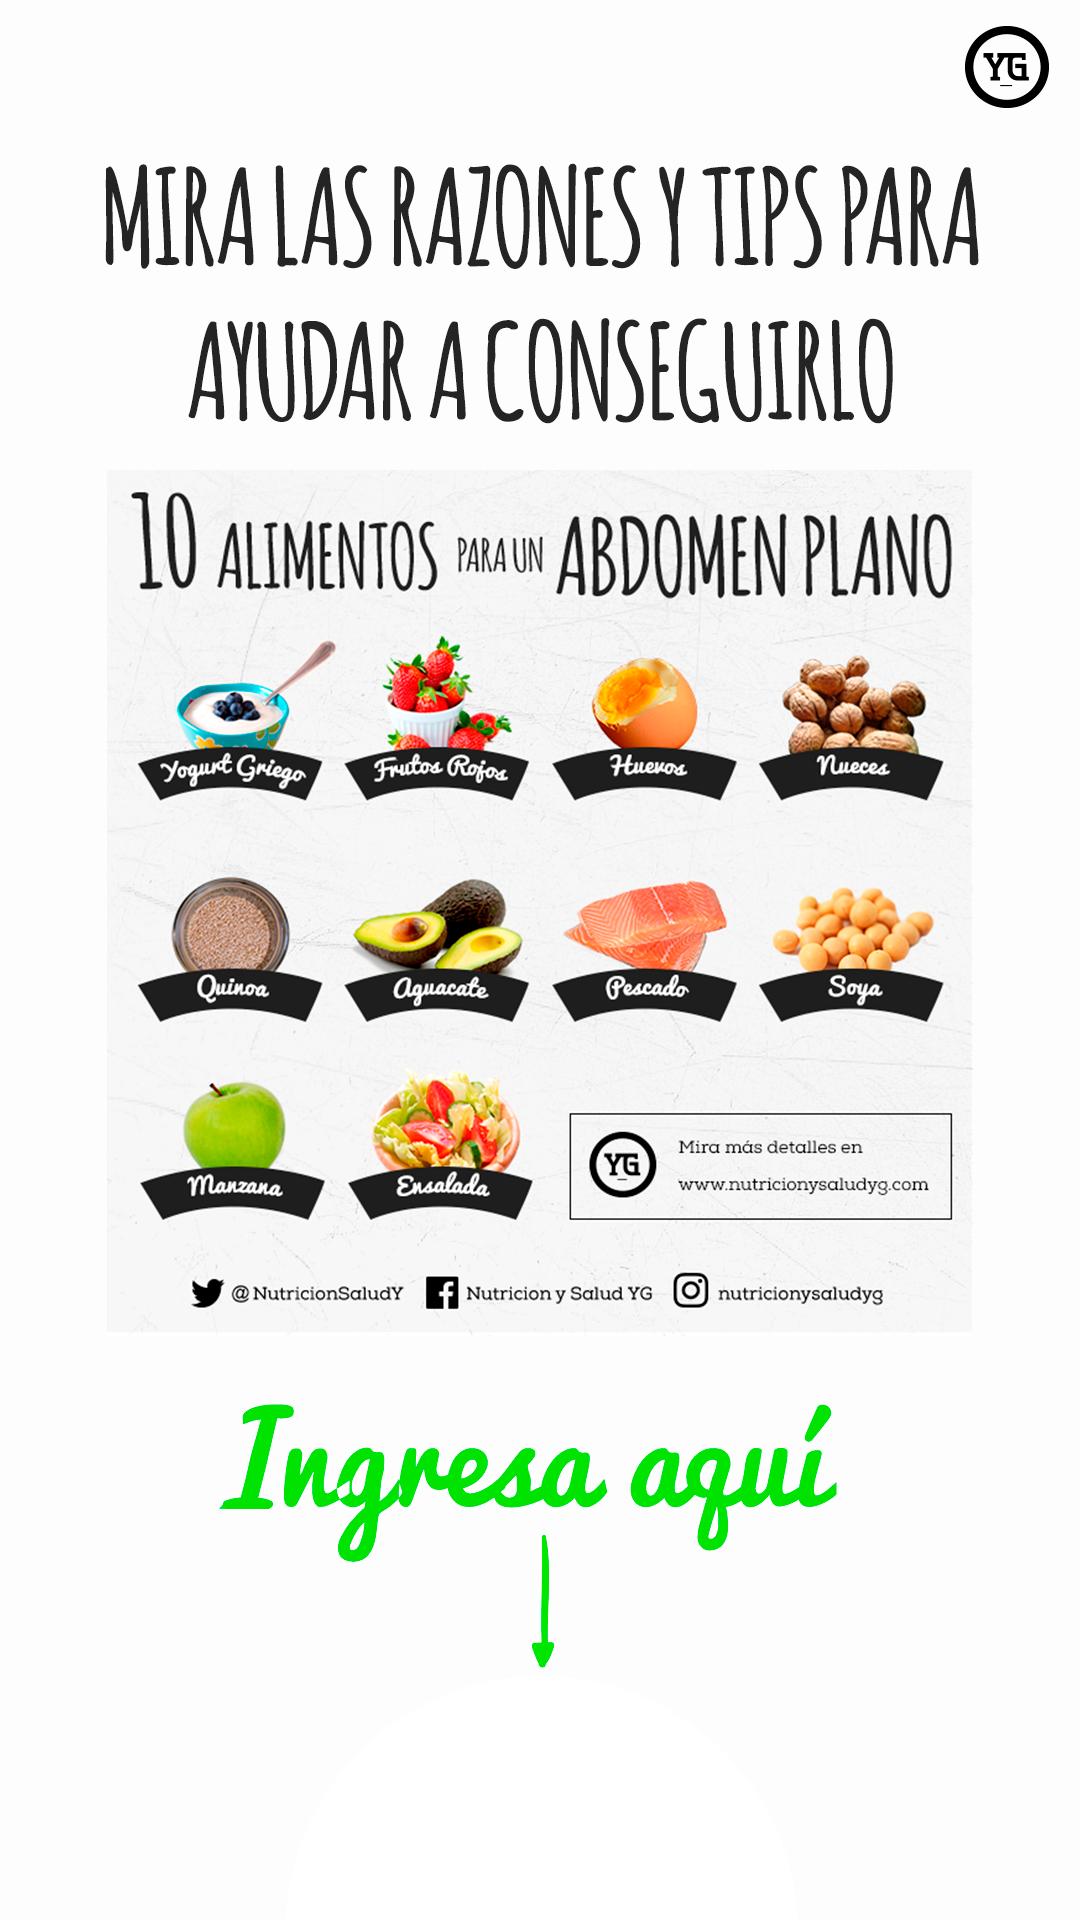 alimentación para adelgazar abdomen